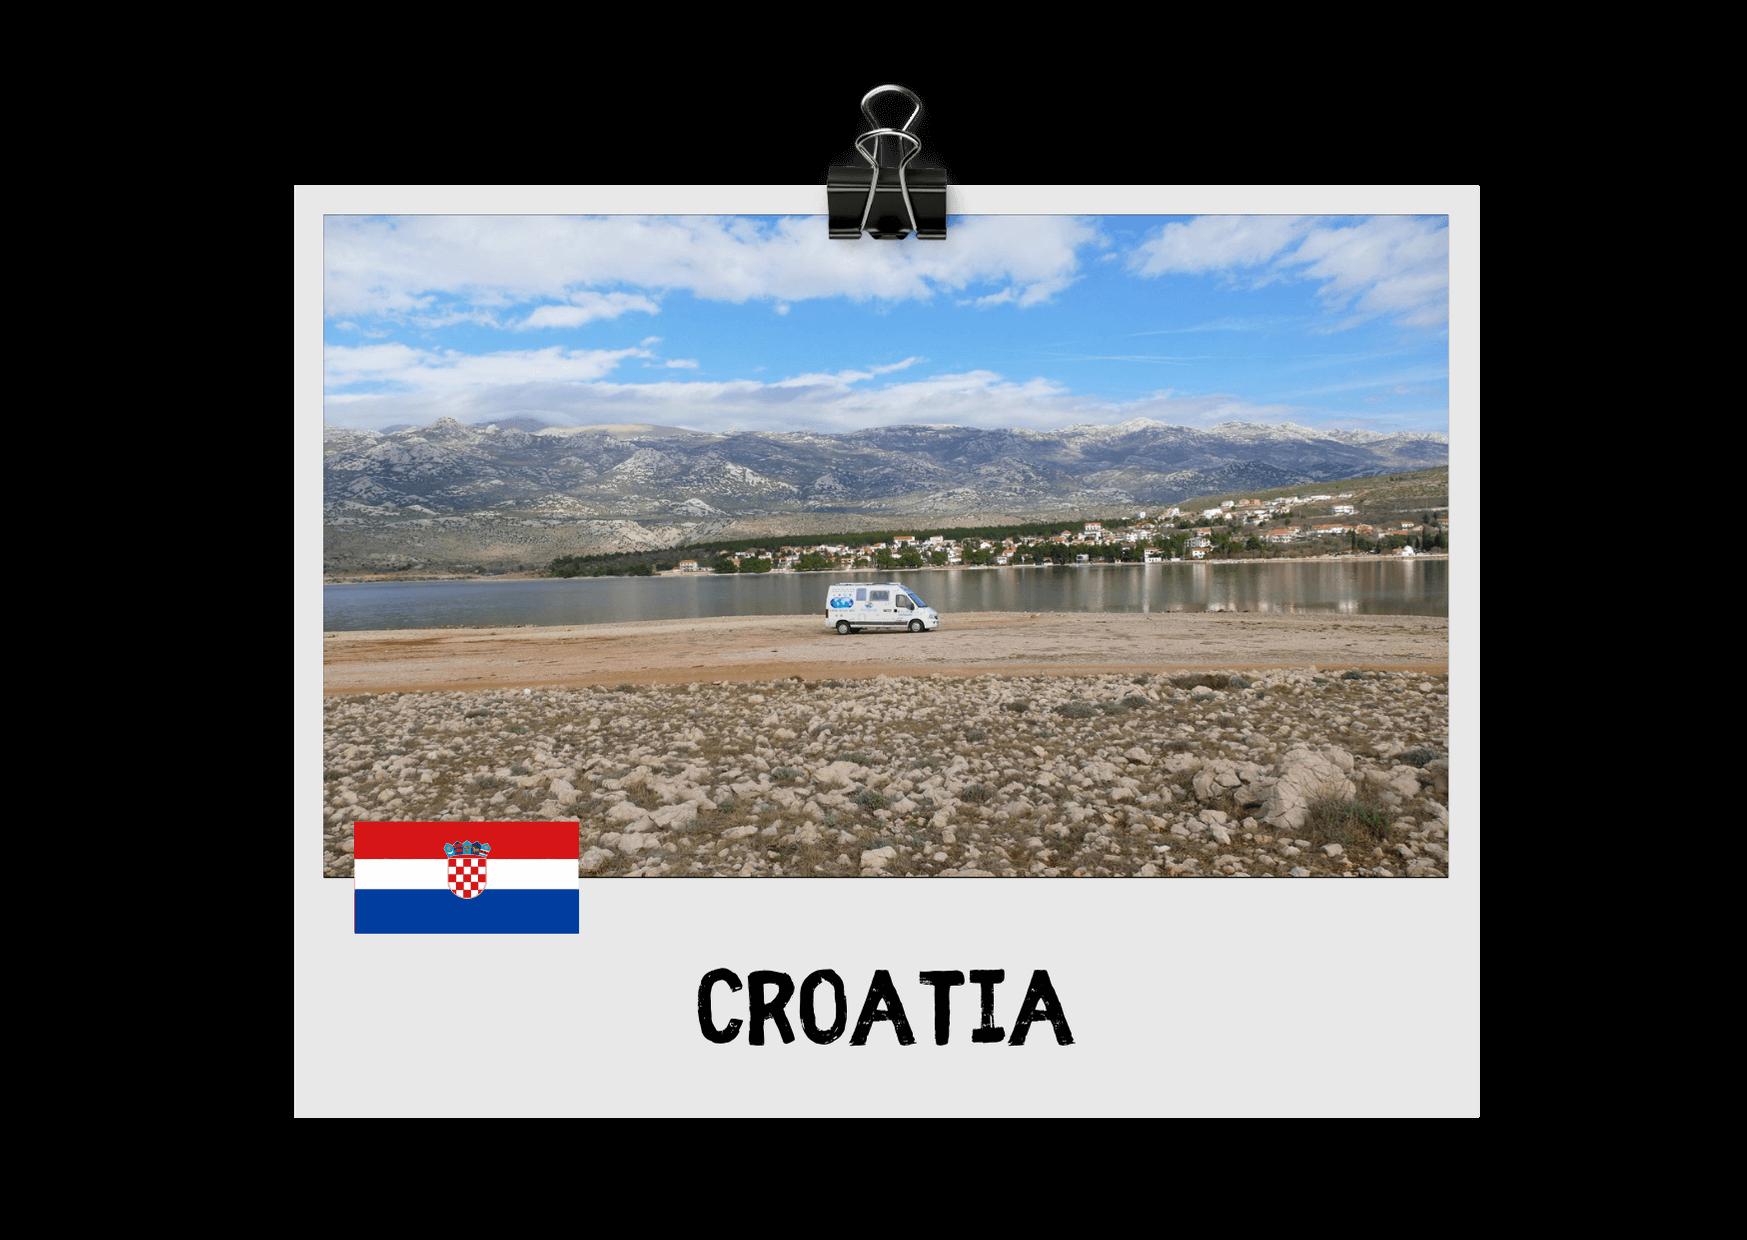 Van Life in Croatia